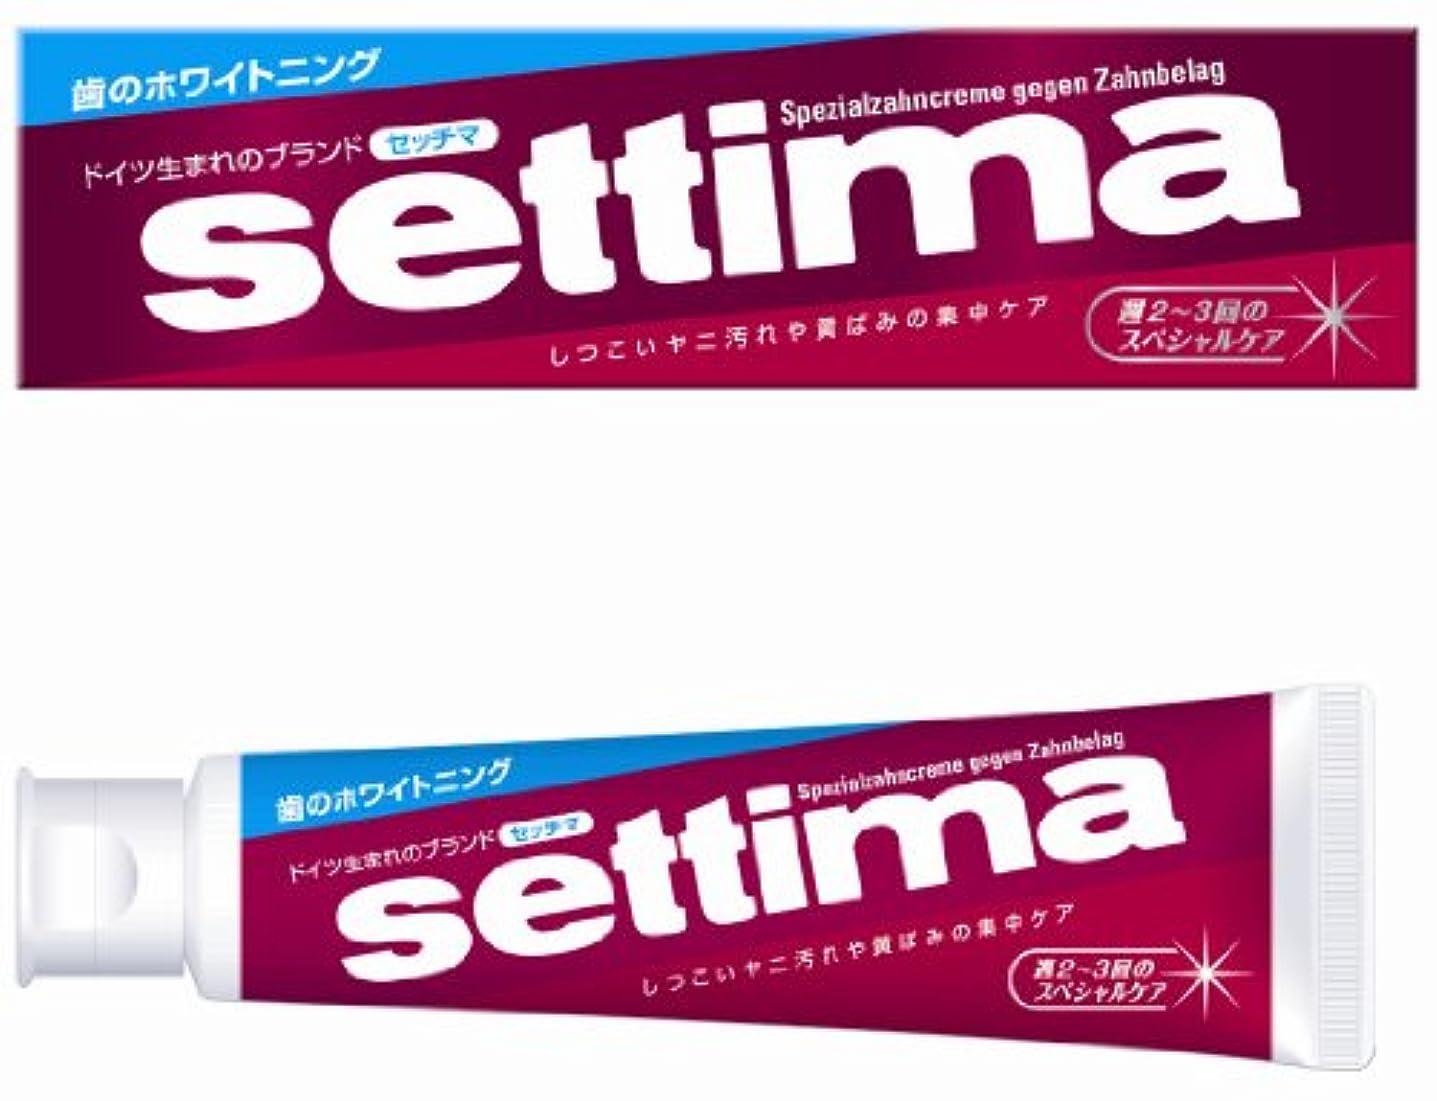 膨らませる提案メトリックsettima(セッチマ) はみがき スペシャル (箱タイプ) 120g